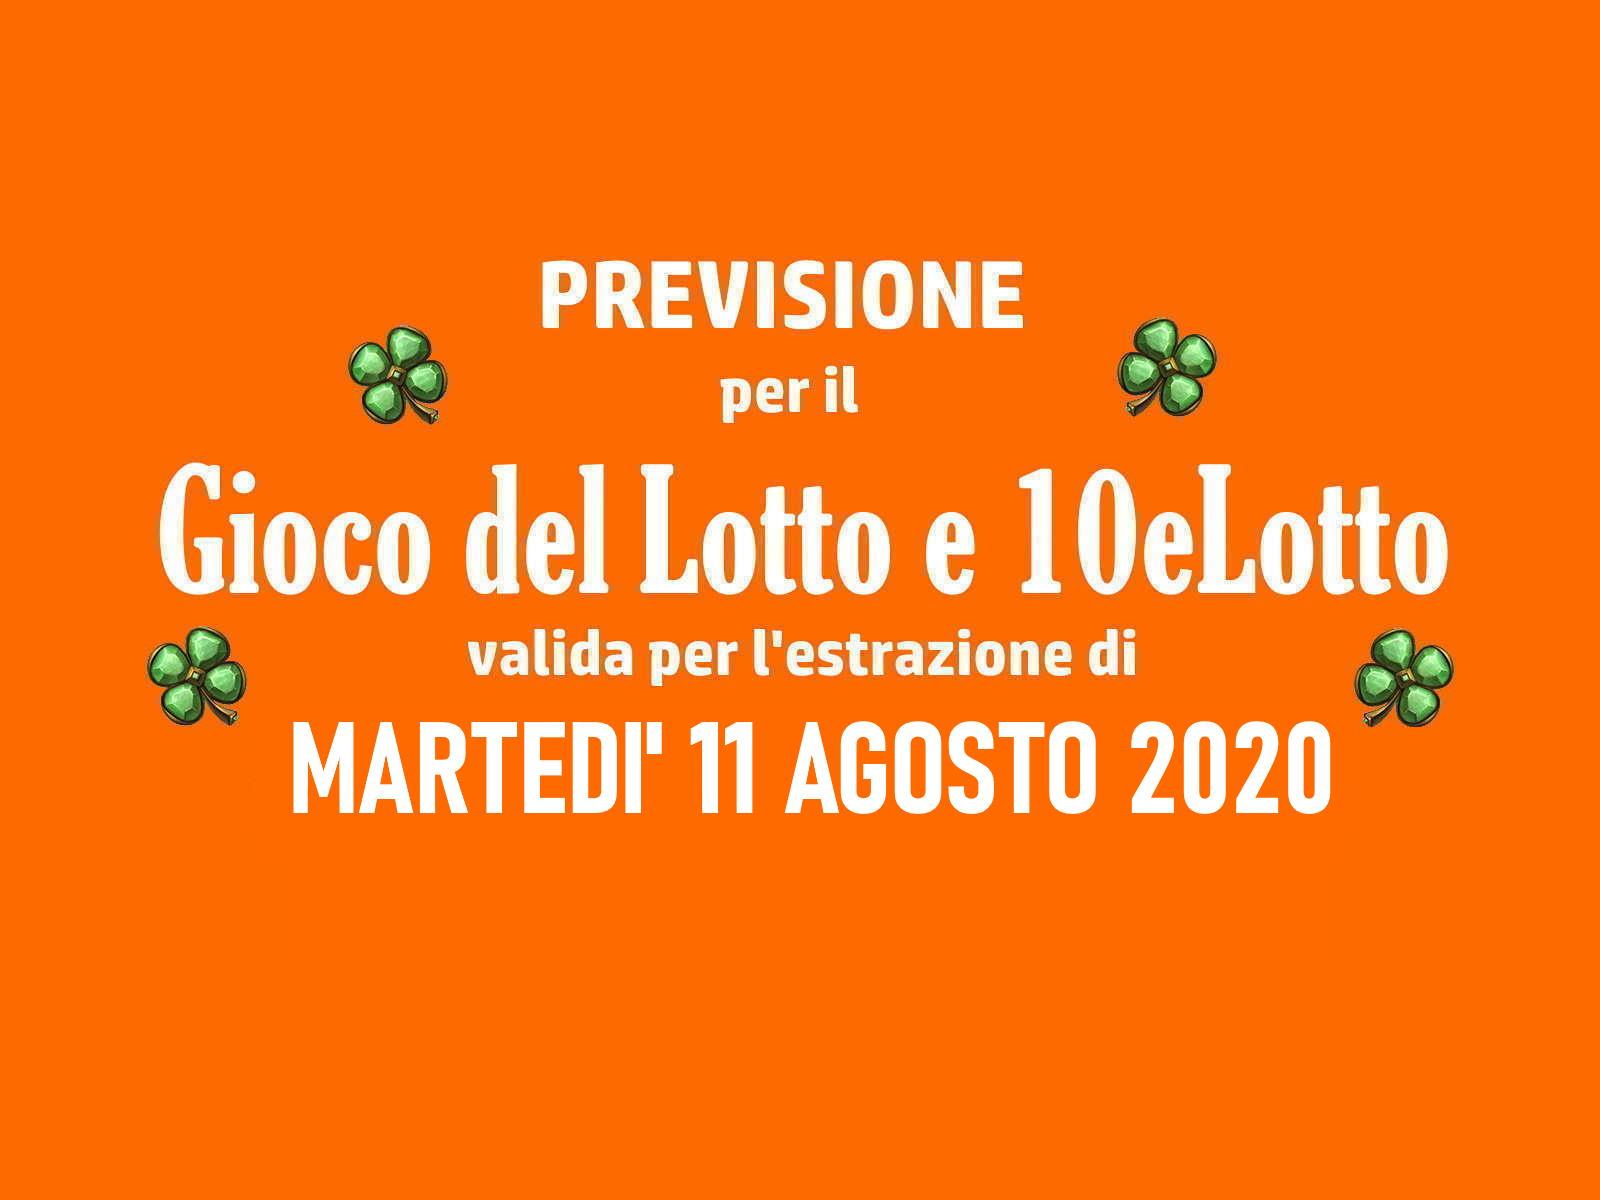 Previsione Lotto 11 Agosto 2020